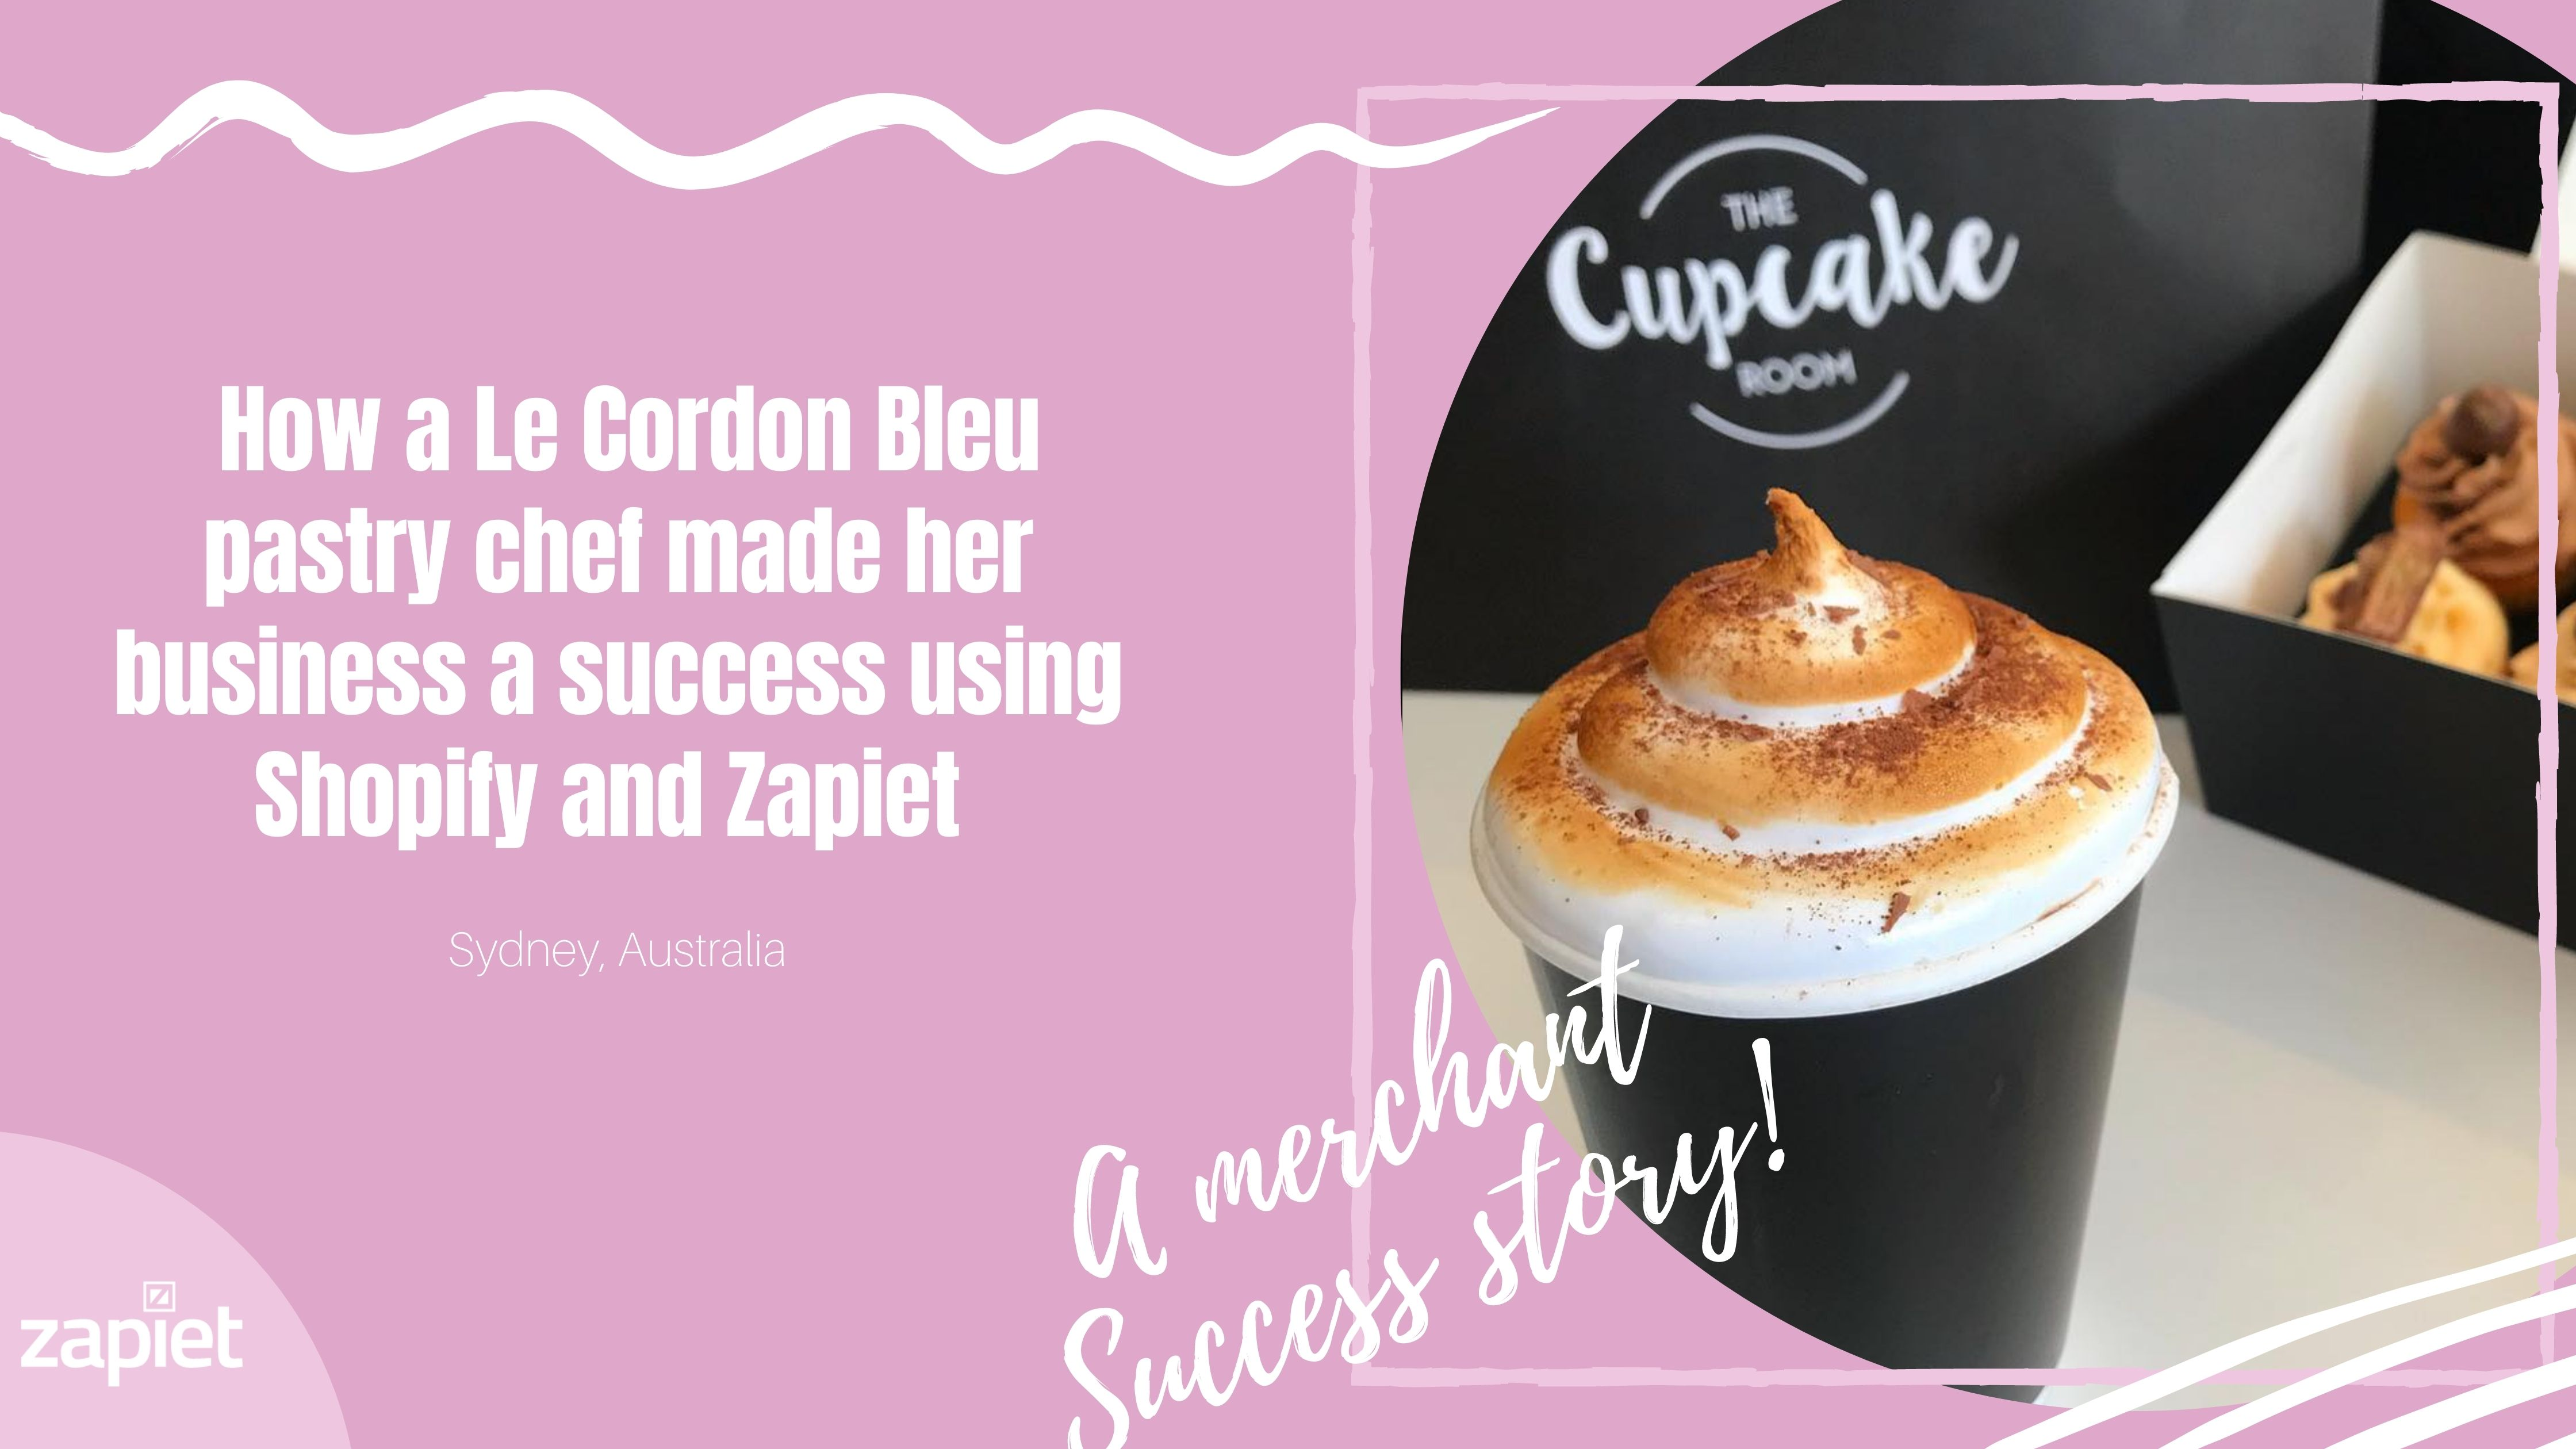 Cómo una pastelera de Le Cordon Bleu convirtió su negocio en un éxito con Shopify y Zapiet